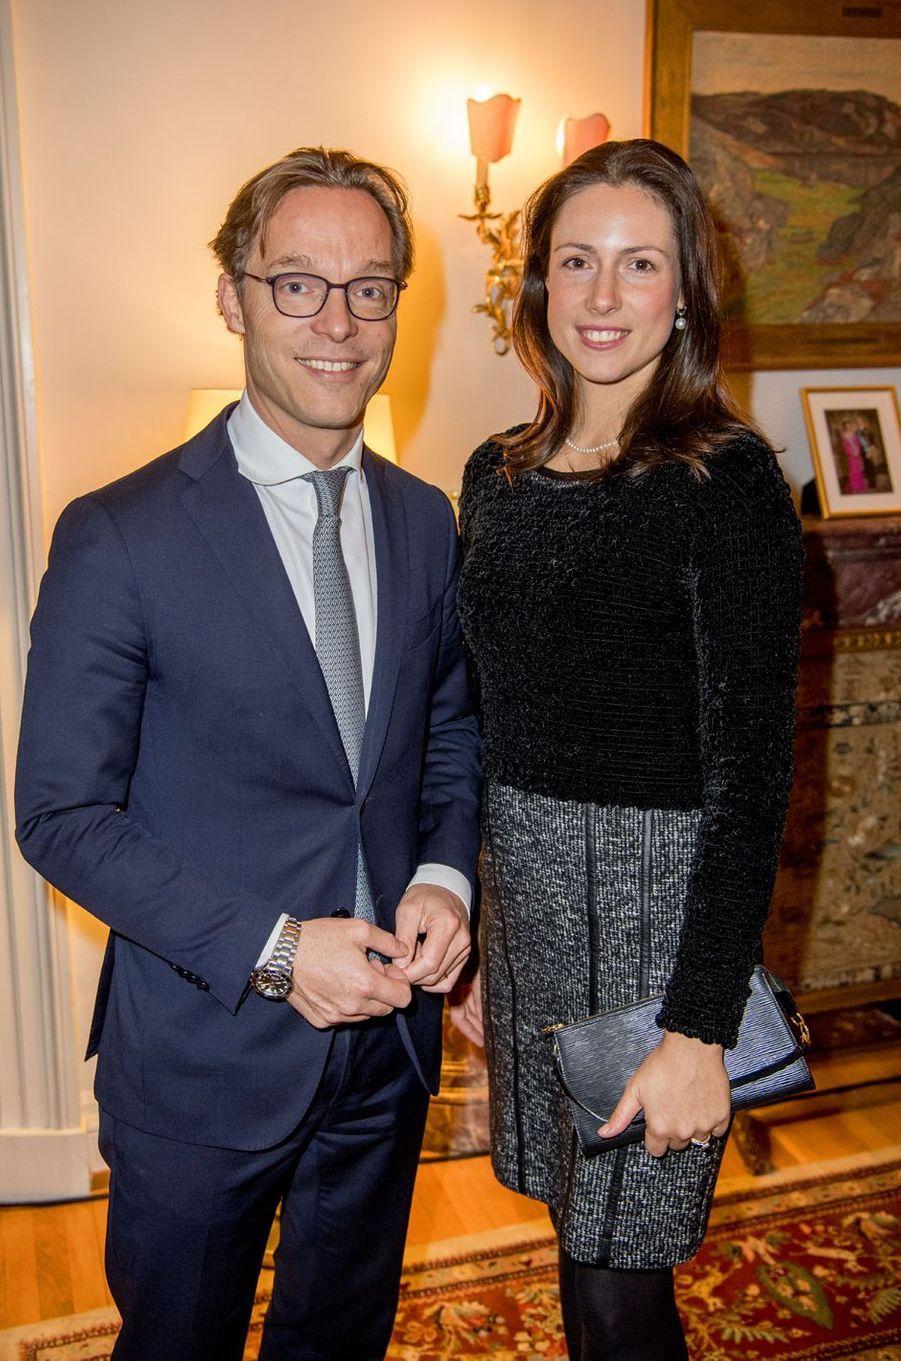 Le prince Jaime de Bourbon de Parme et son épouse la princesse Viktoria à l'ambassade de Suède à Rome, le 15 décembre 2016